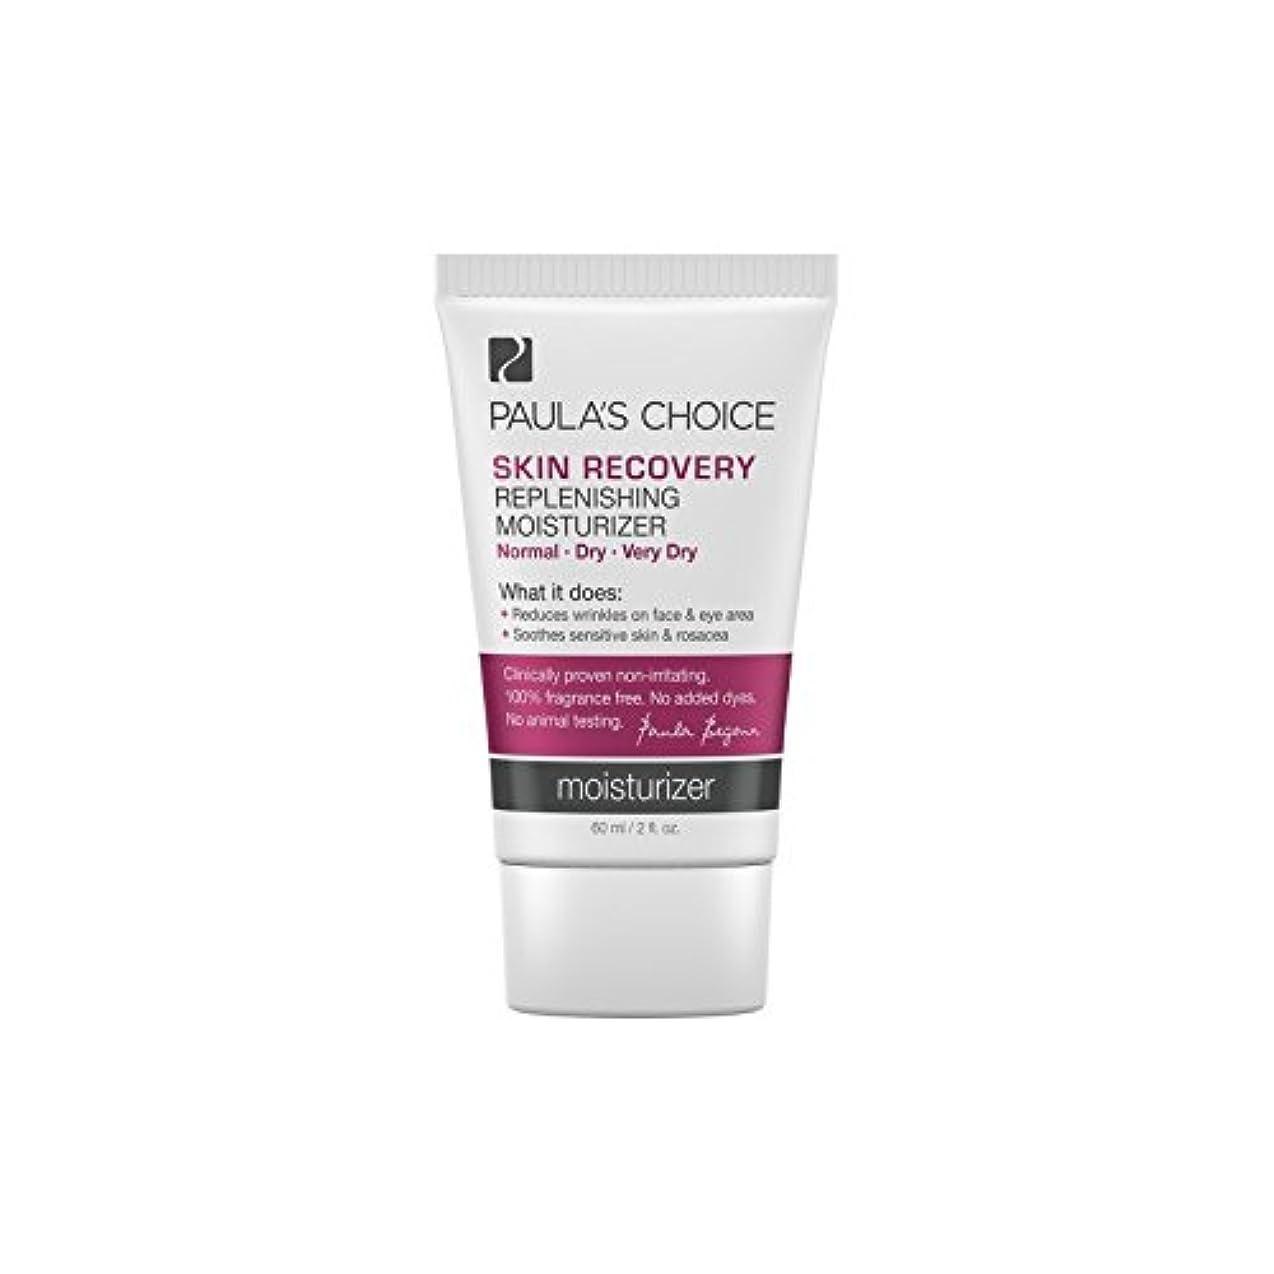 崇拝するあざ強調Paula's Choice Skin Recovery Replenishing Moisturizer (60ml) - ポーラチョイスの肌の回復補充保湿(60ミリリットル) [並行輸入品]